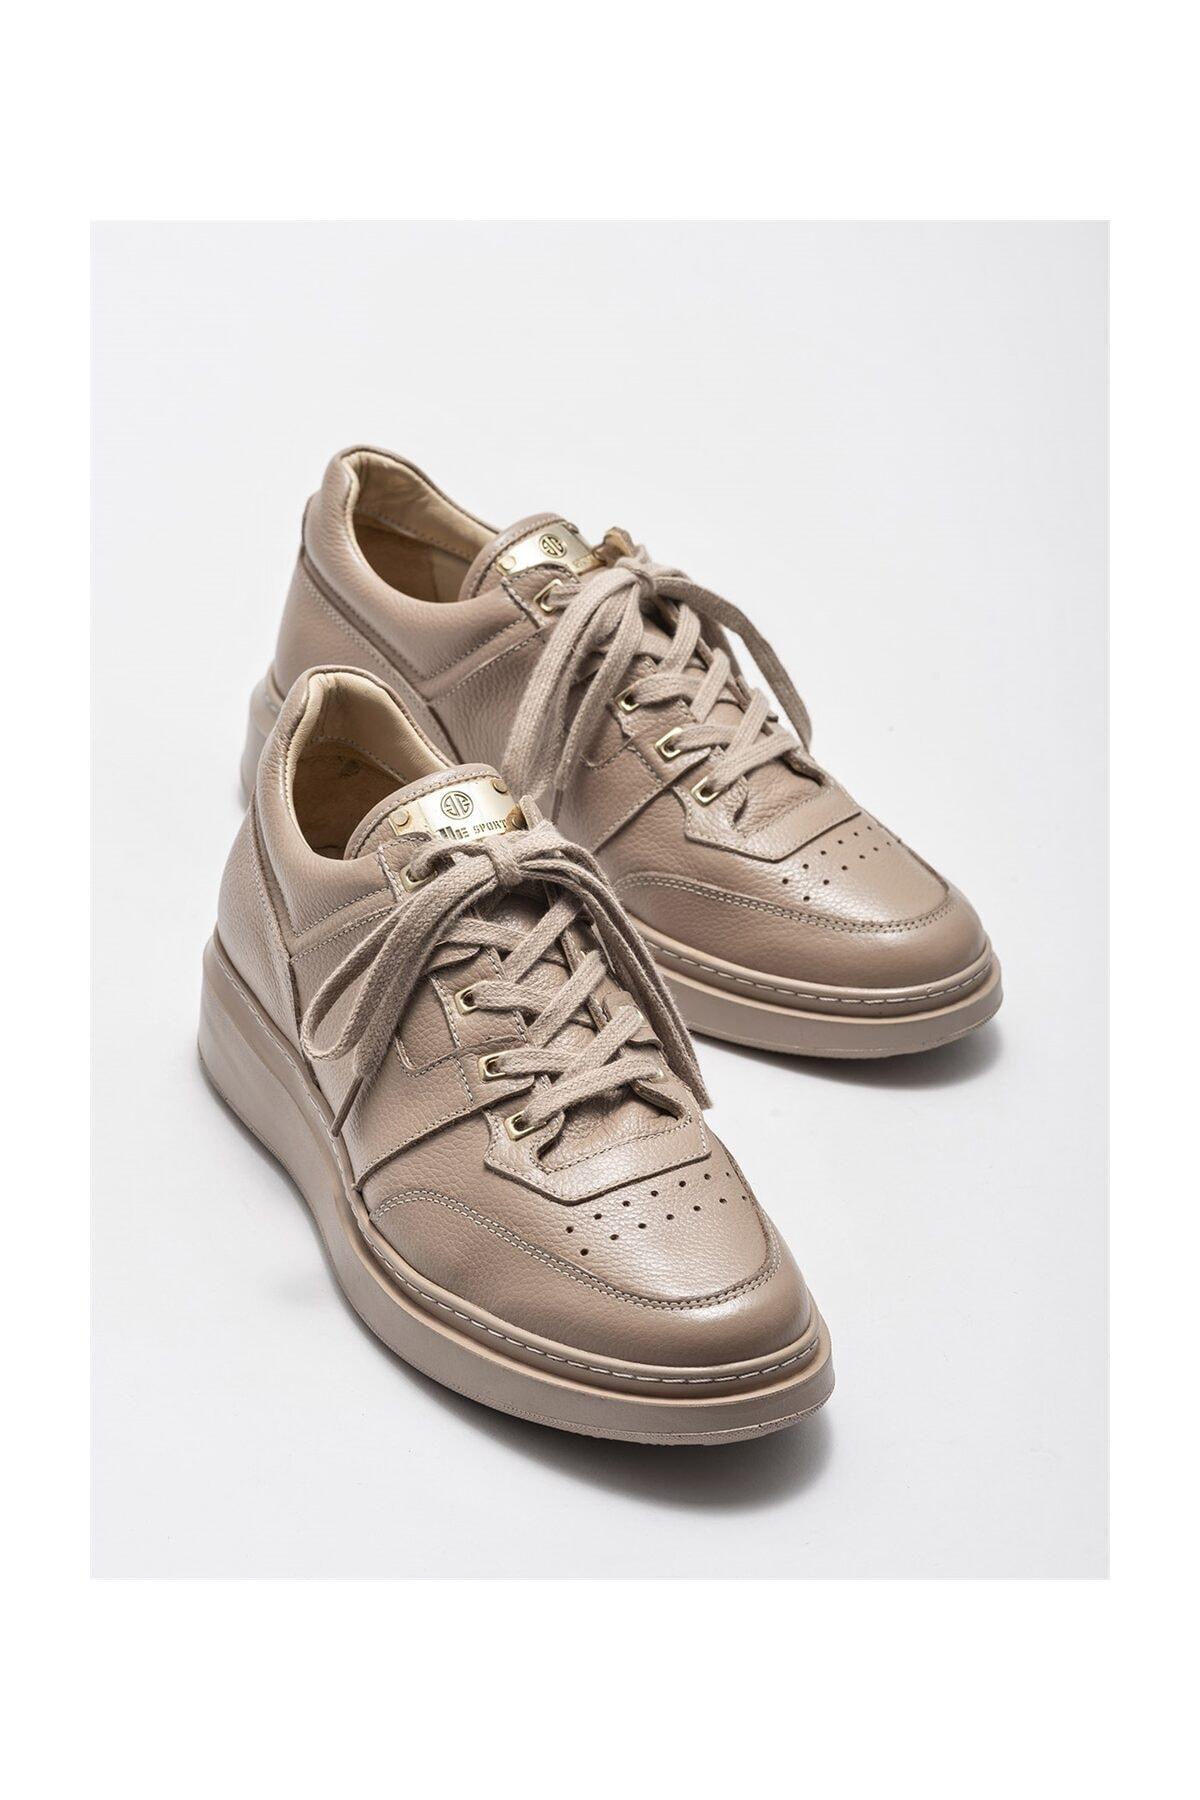 Elle Shoes Erkek Radbery-1 Bej Sneaker20KED12404 2